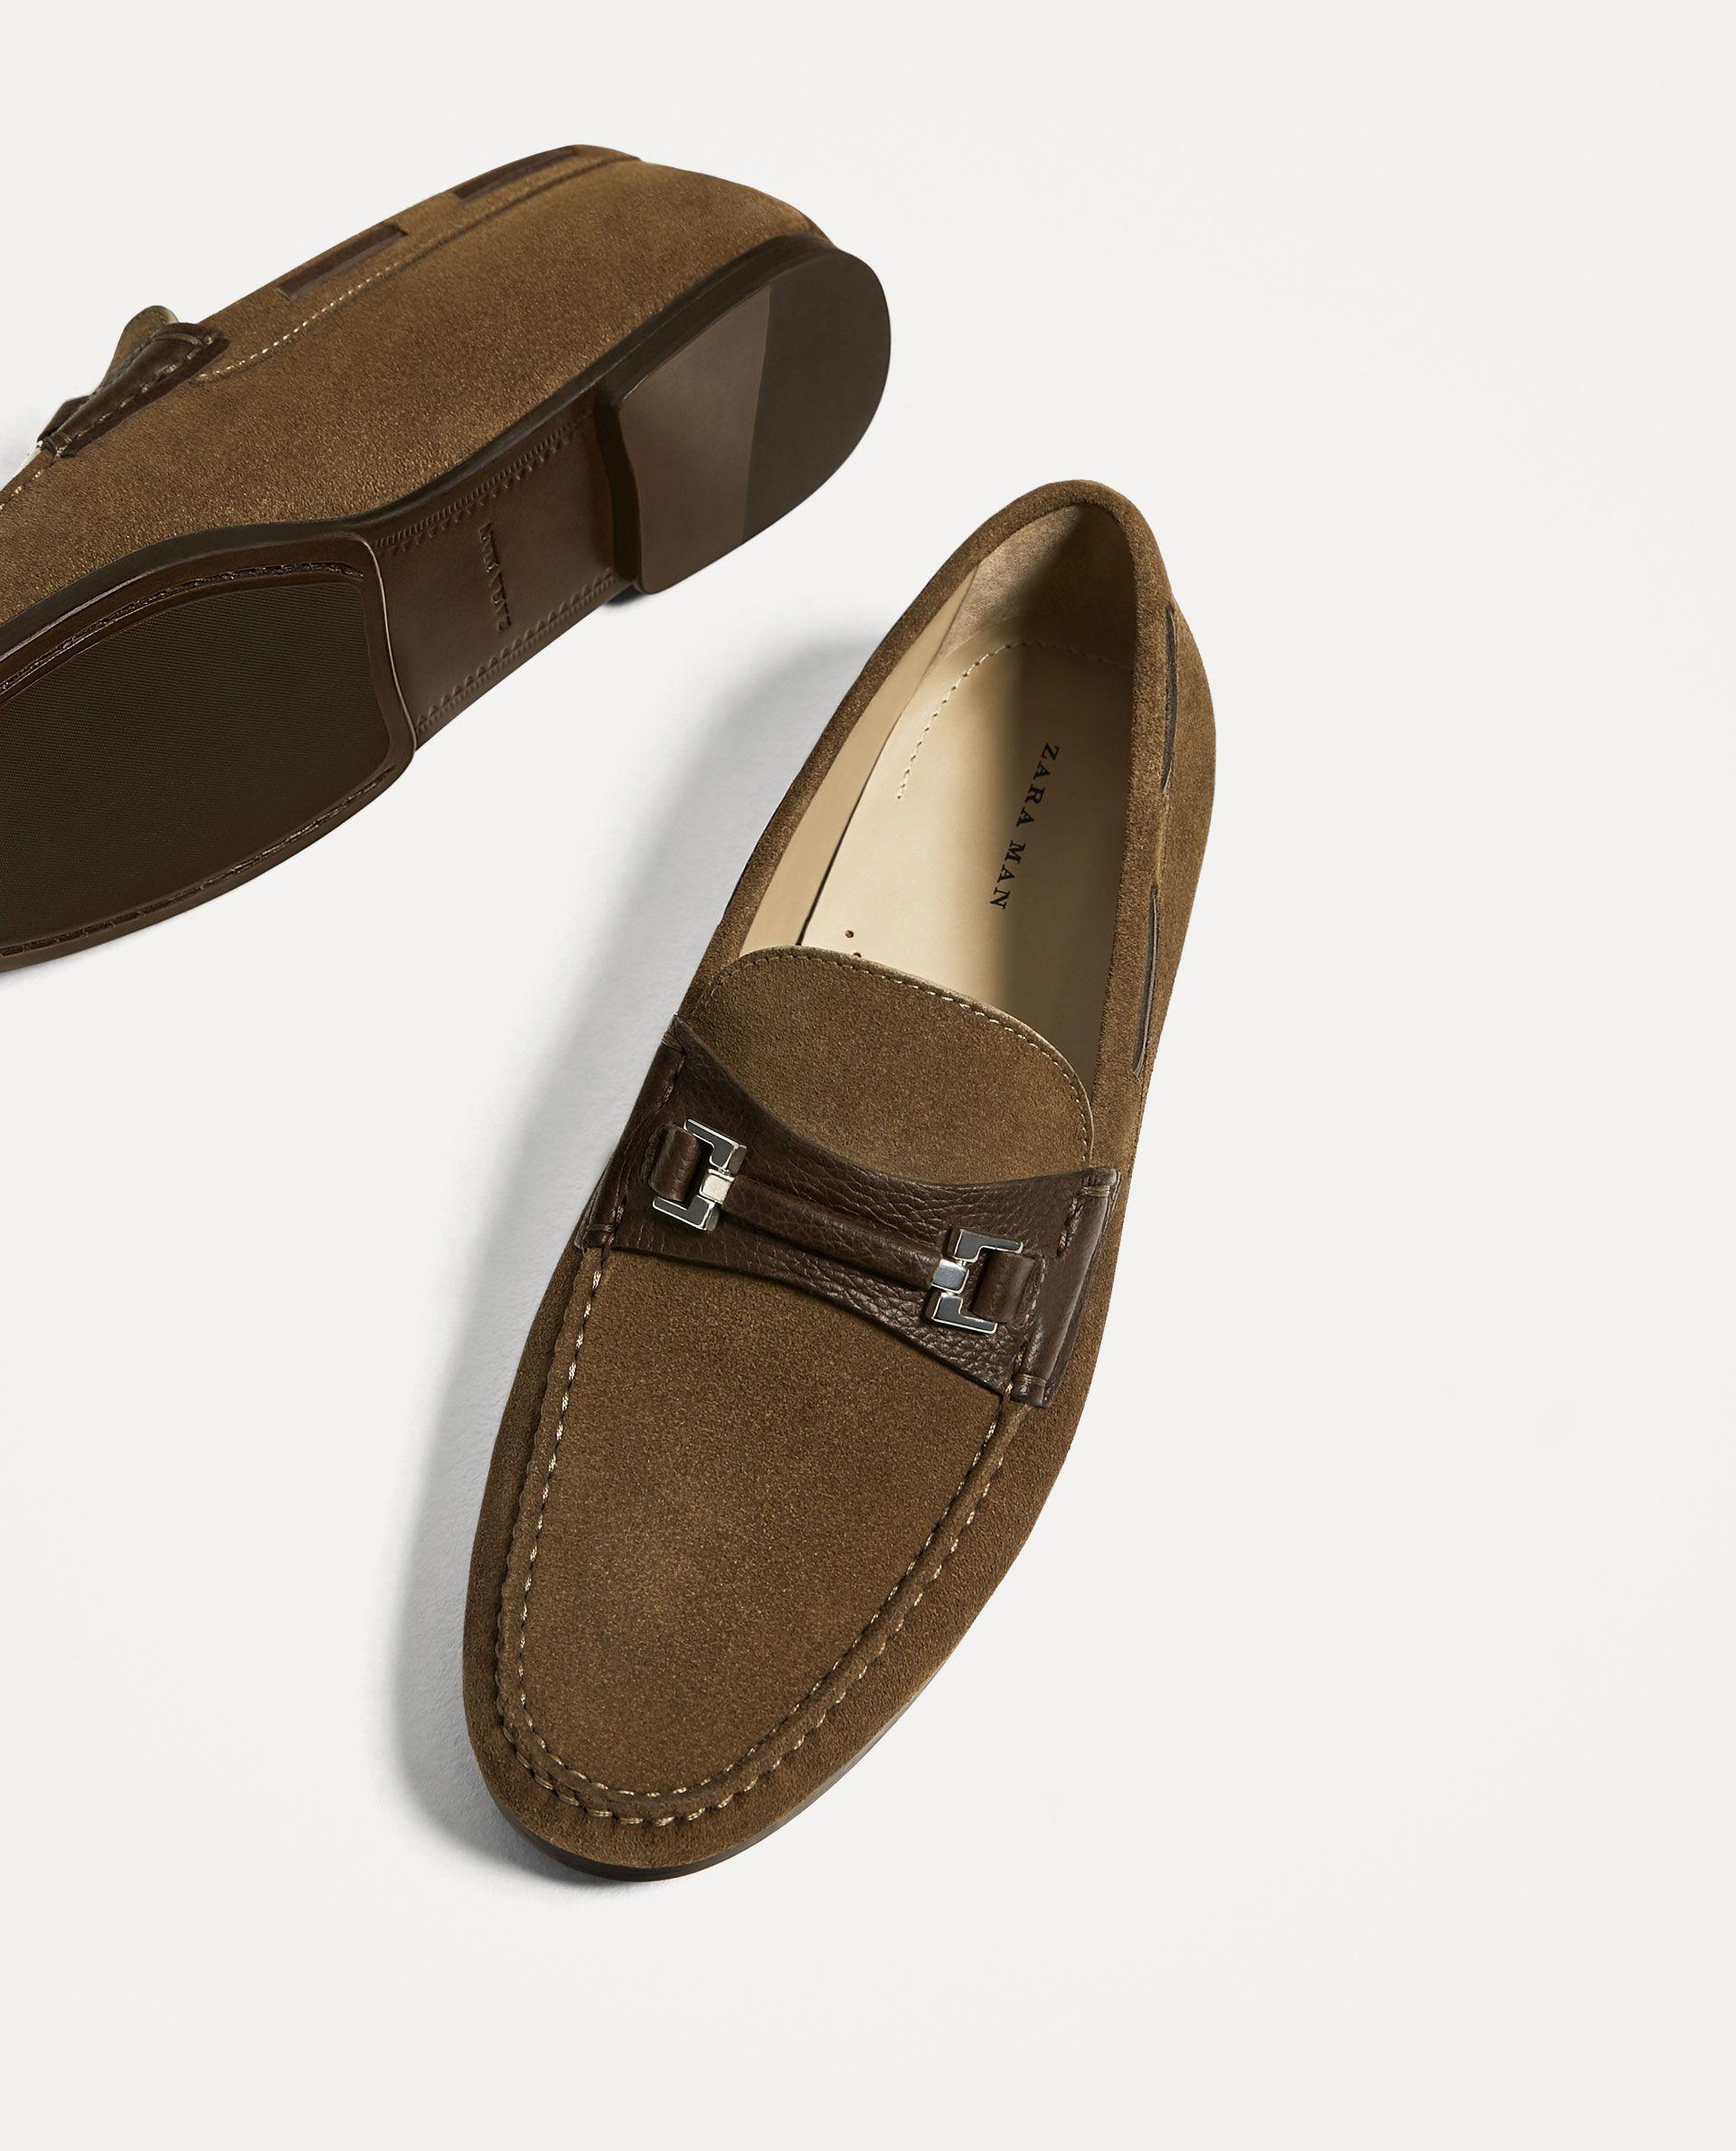 Calzado Marrón Cosas Zapatos Hombre Piel Hombre Mocasín Aplique xgqCwI5t